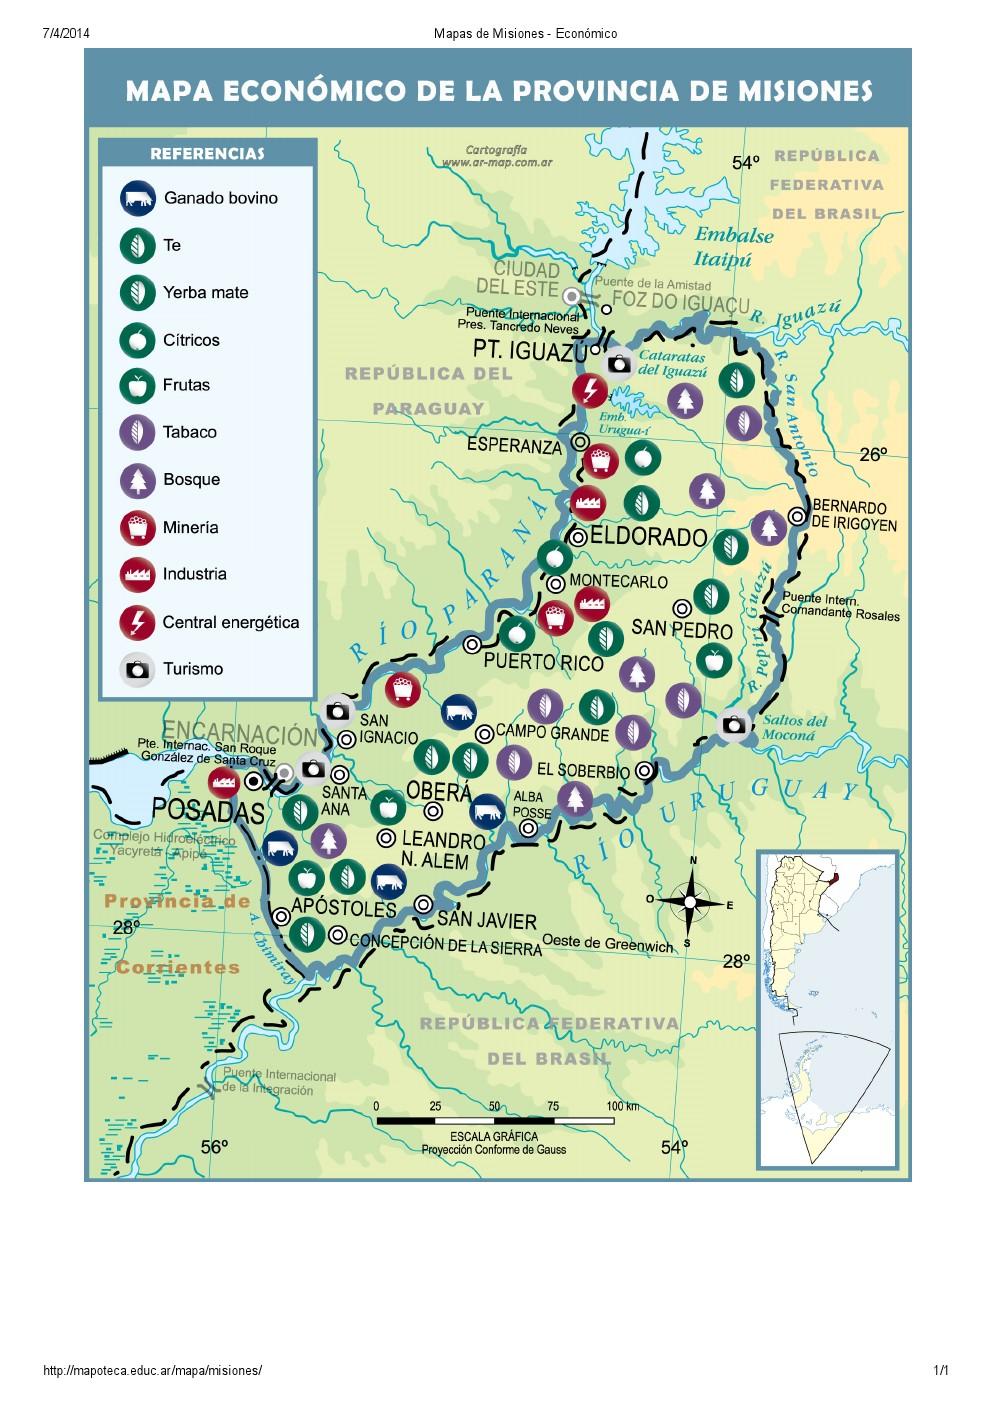 Mapa económico de Misiones. Mapoteca de Educ.ar